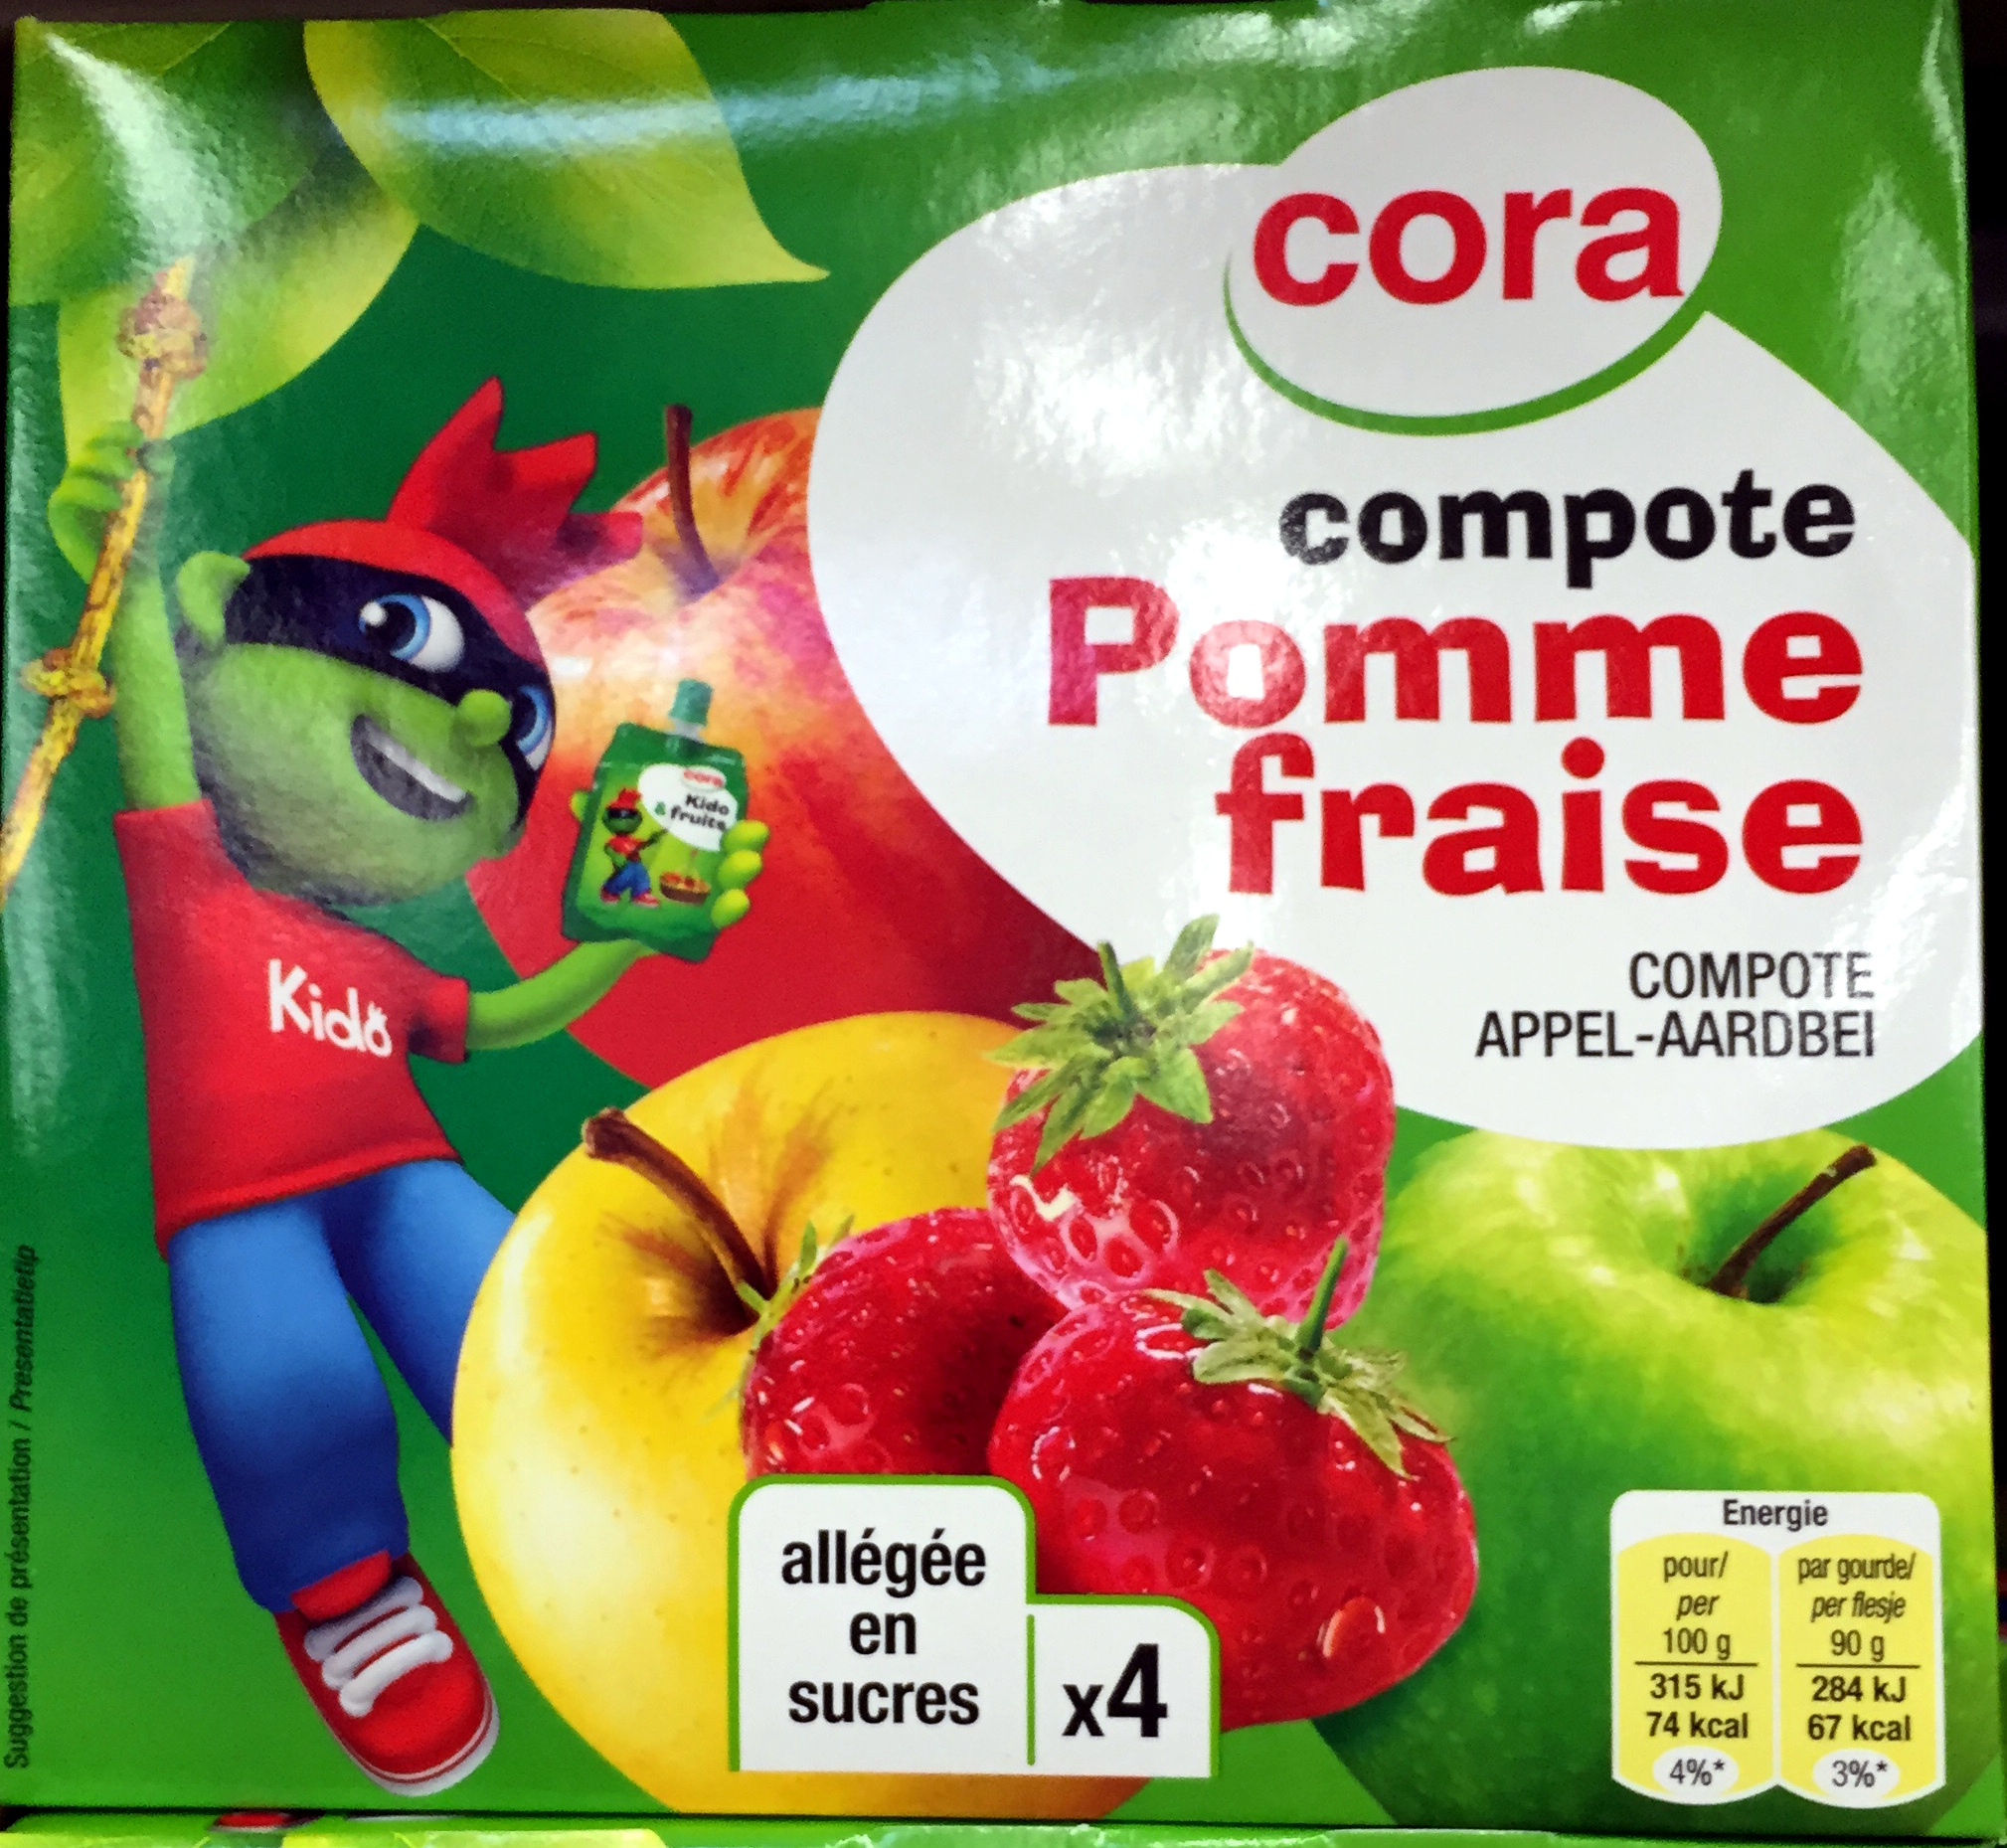 Compote Pomme fraise, allégée en sucres (x 4) - Produit - fr